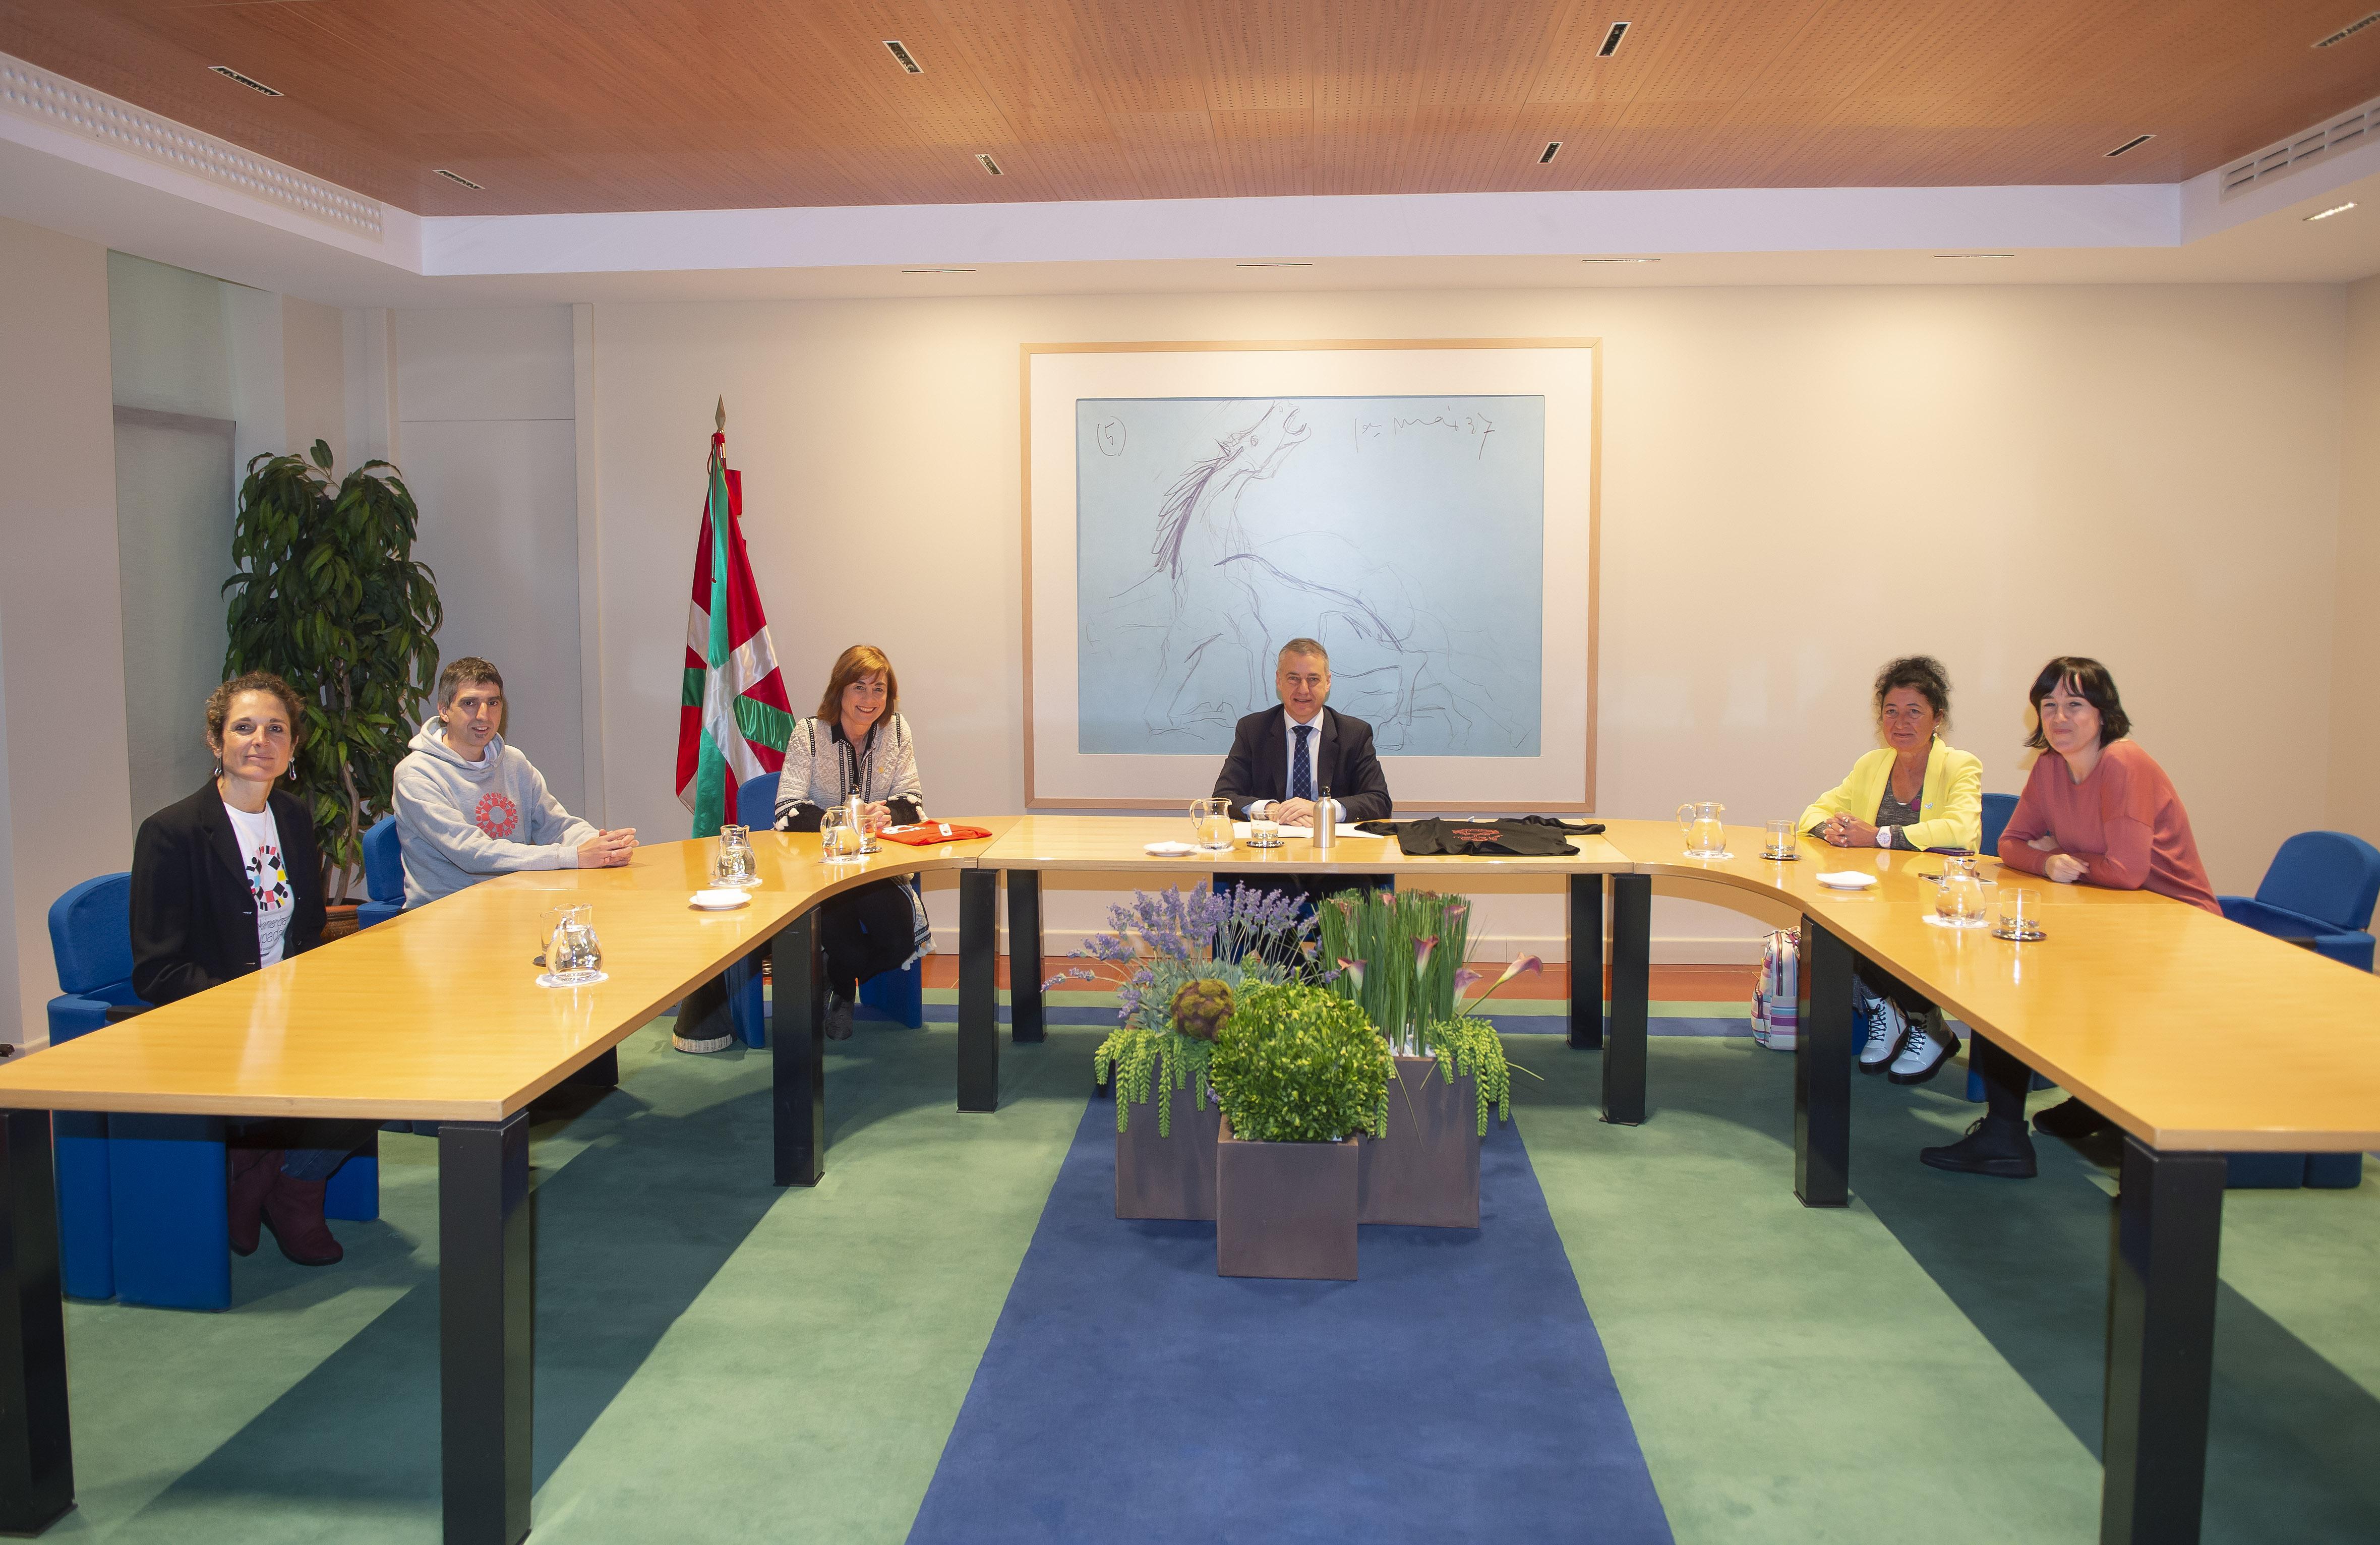 El Lehendakari se reúnecon representantes de la Asociación de Padres de Euskal Herria-EHIGE